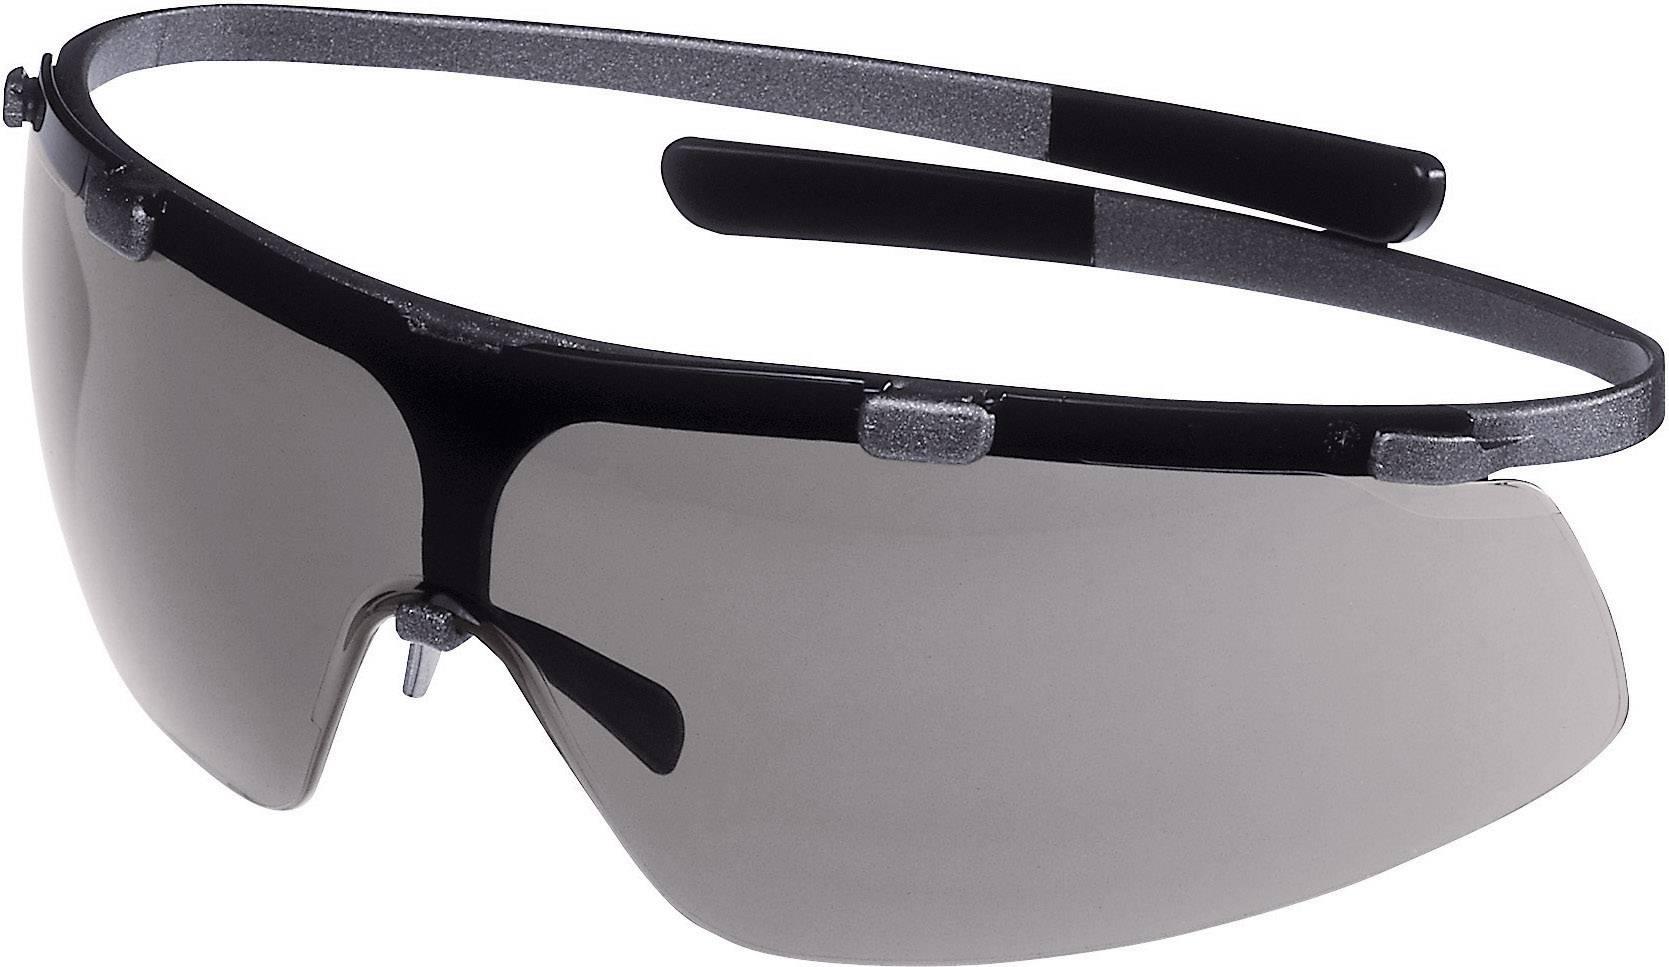 Ochranné okuliare Uvex SuperG, titán